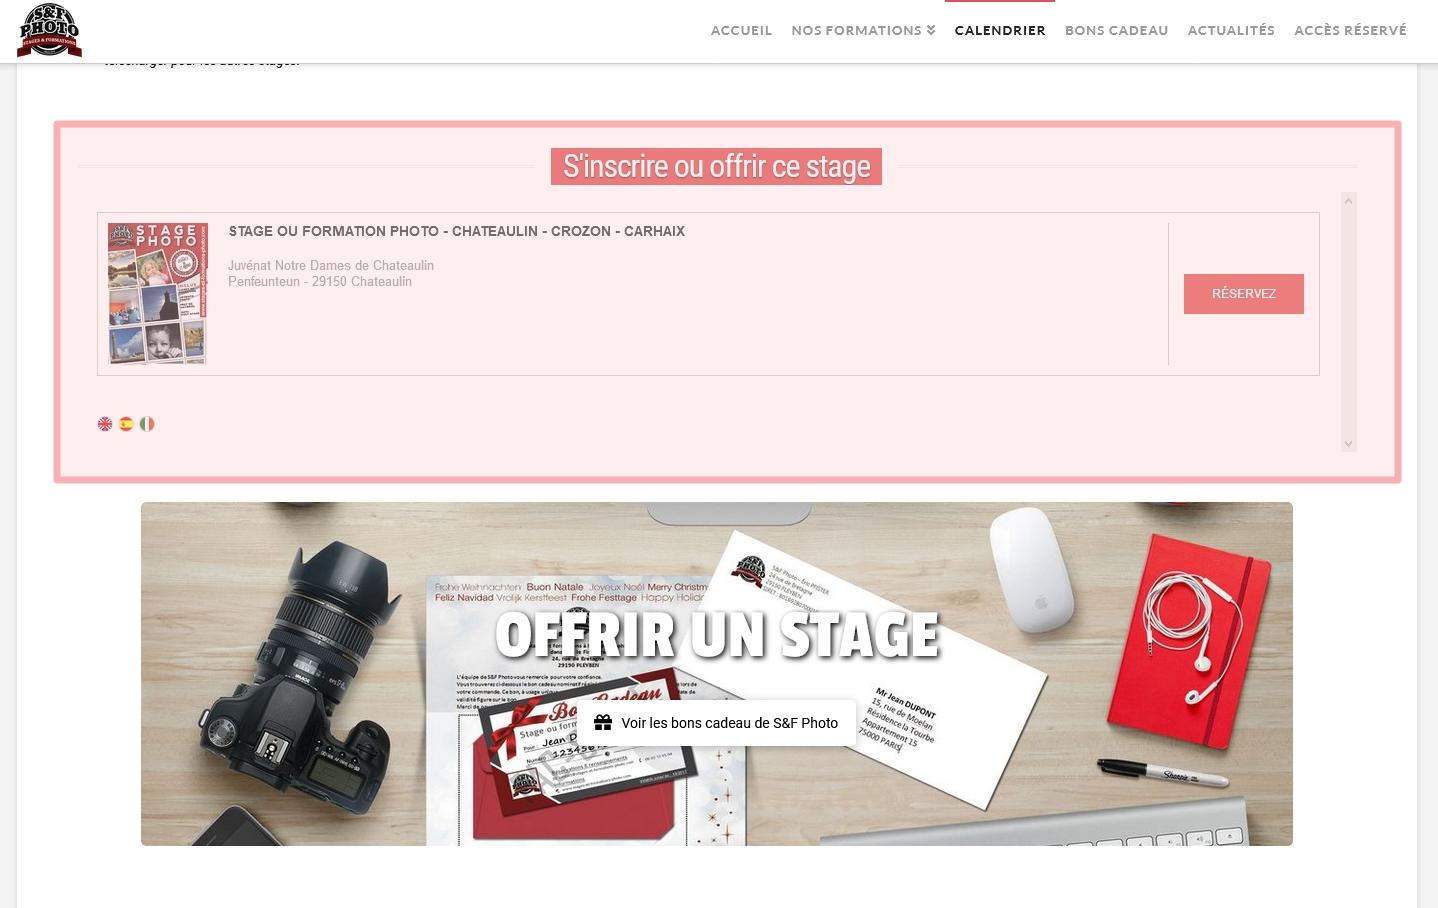 Stage photo en Finistère - Réserver ou s'inscrire pour une session - Utiliser un bon cadeau